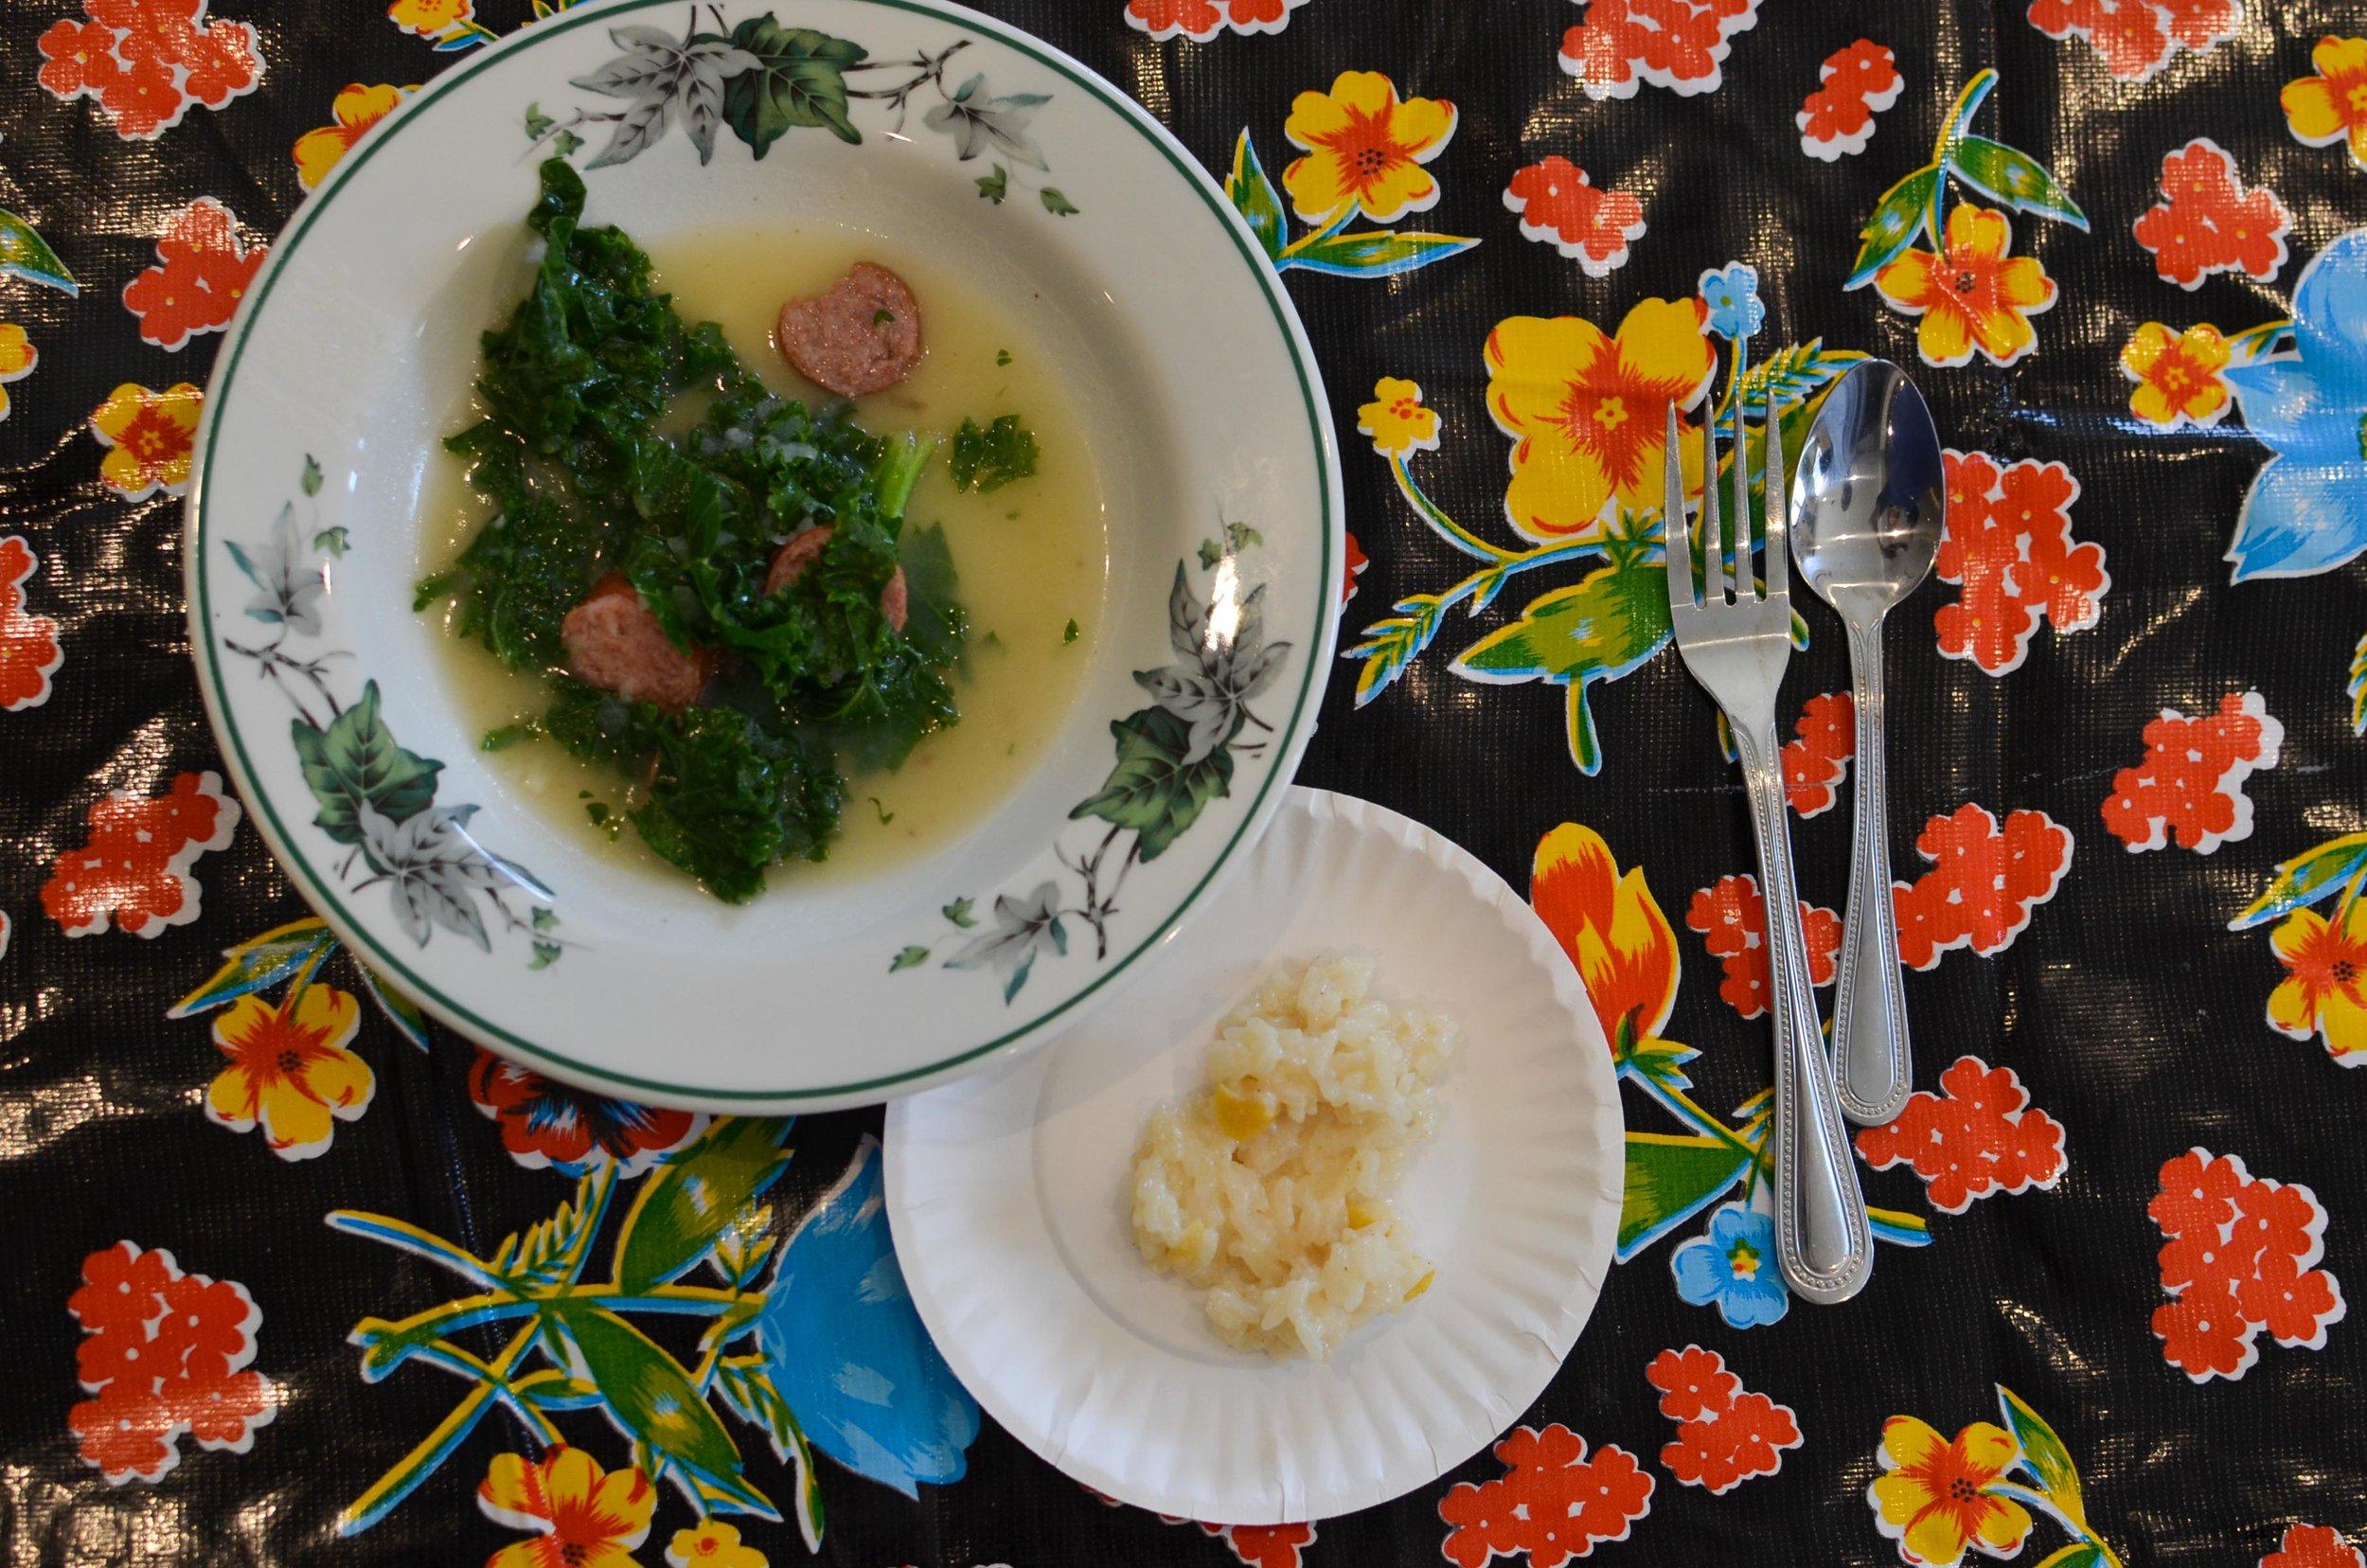 Caldo Verde and Arroz Doce